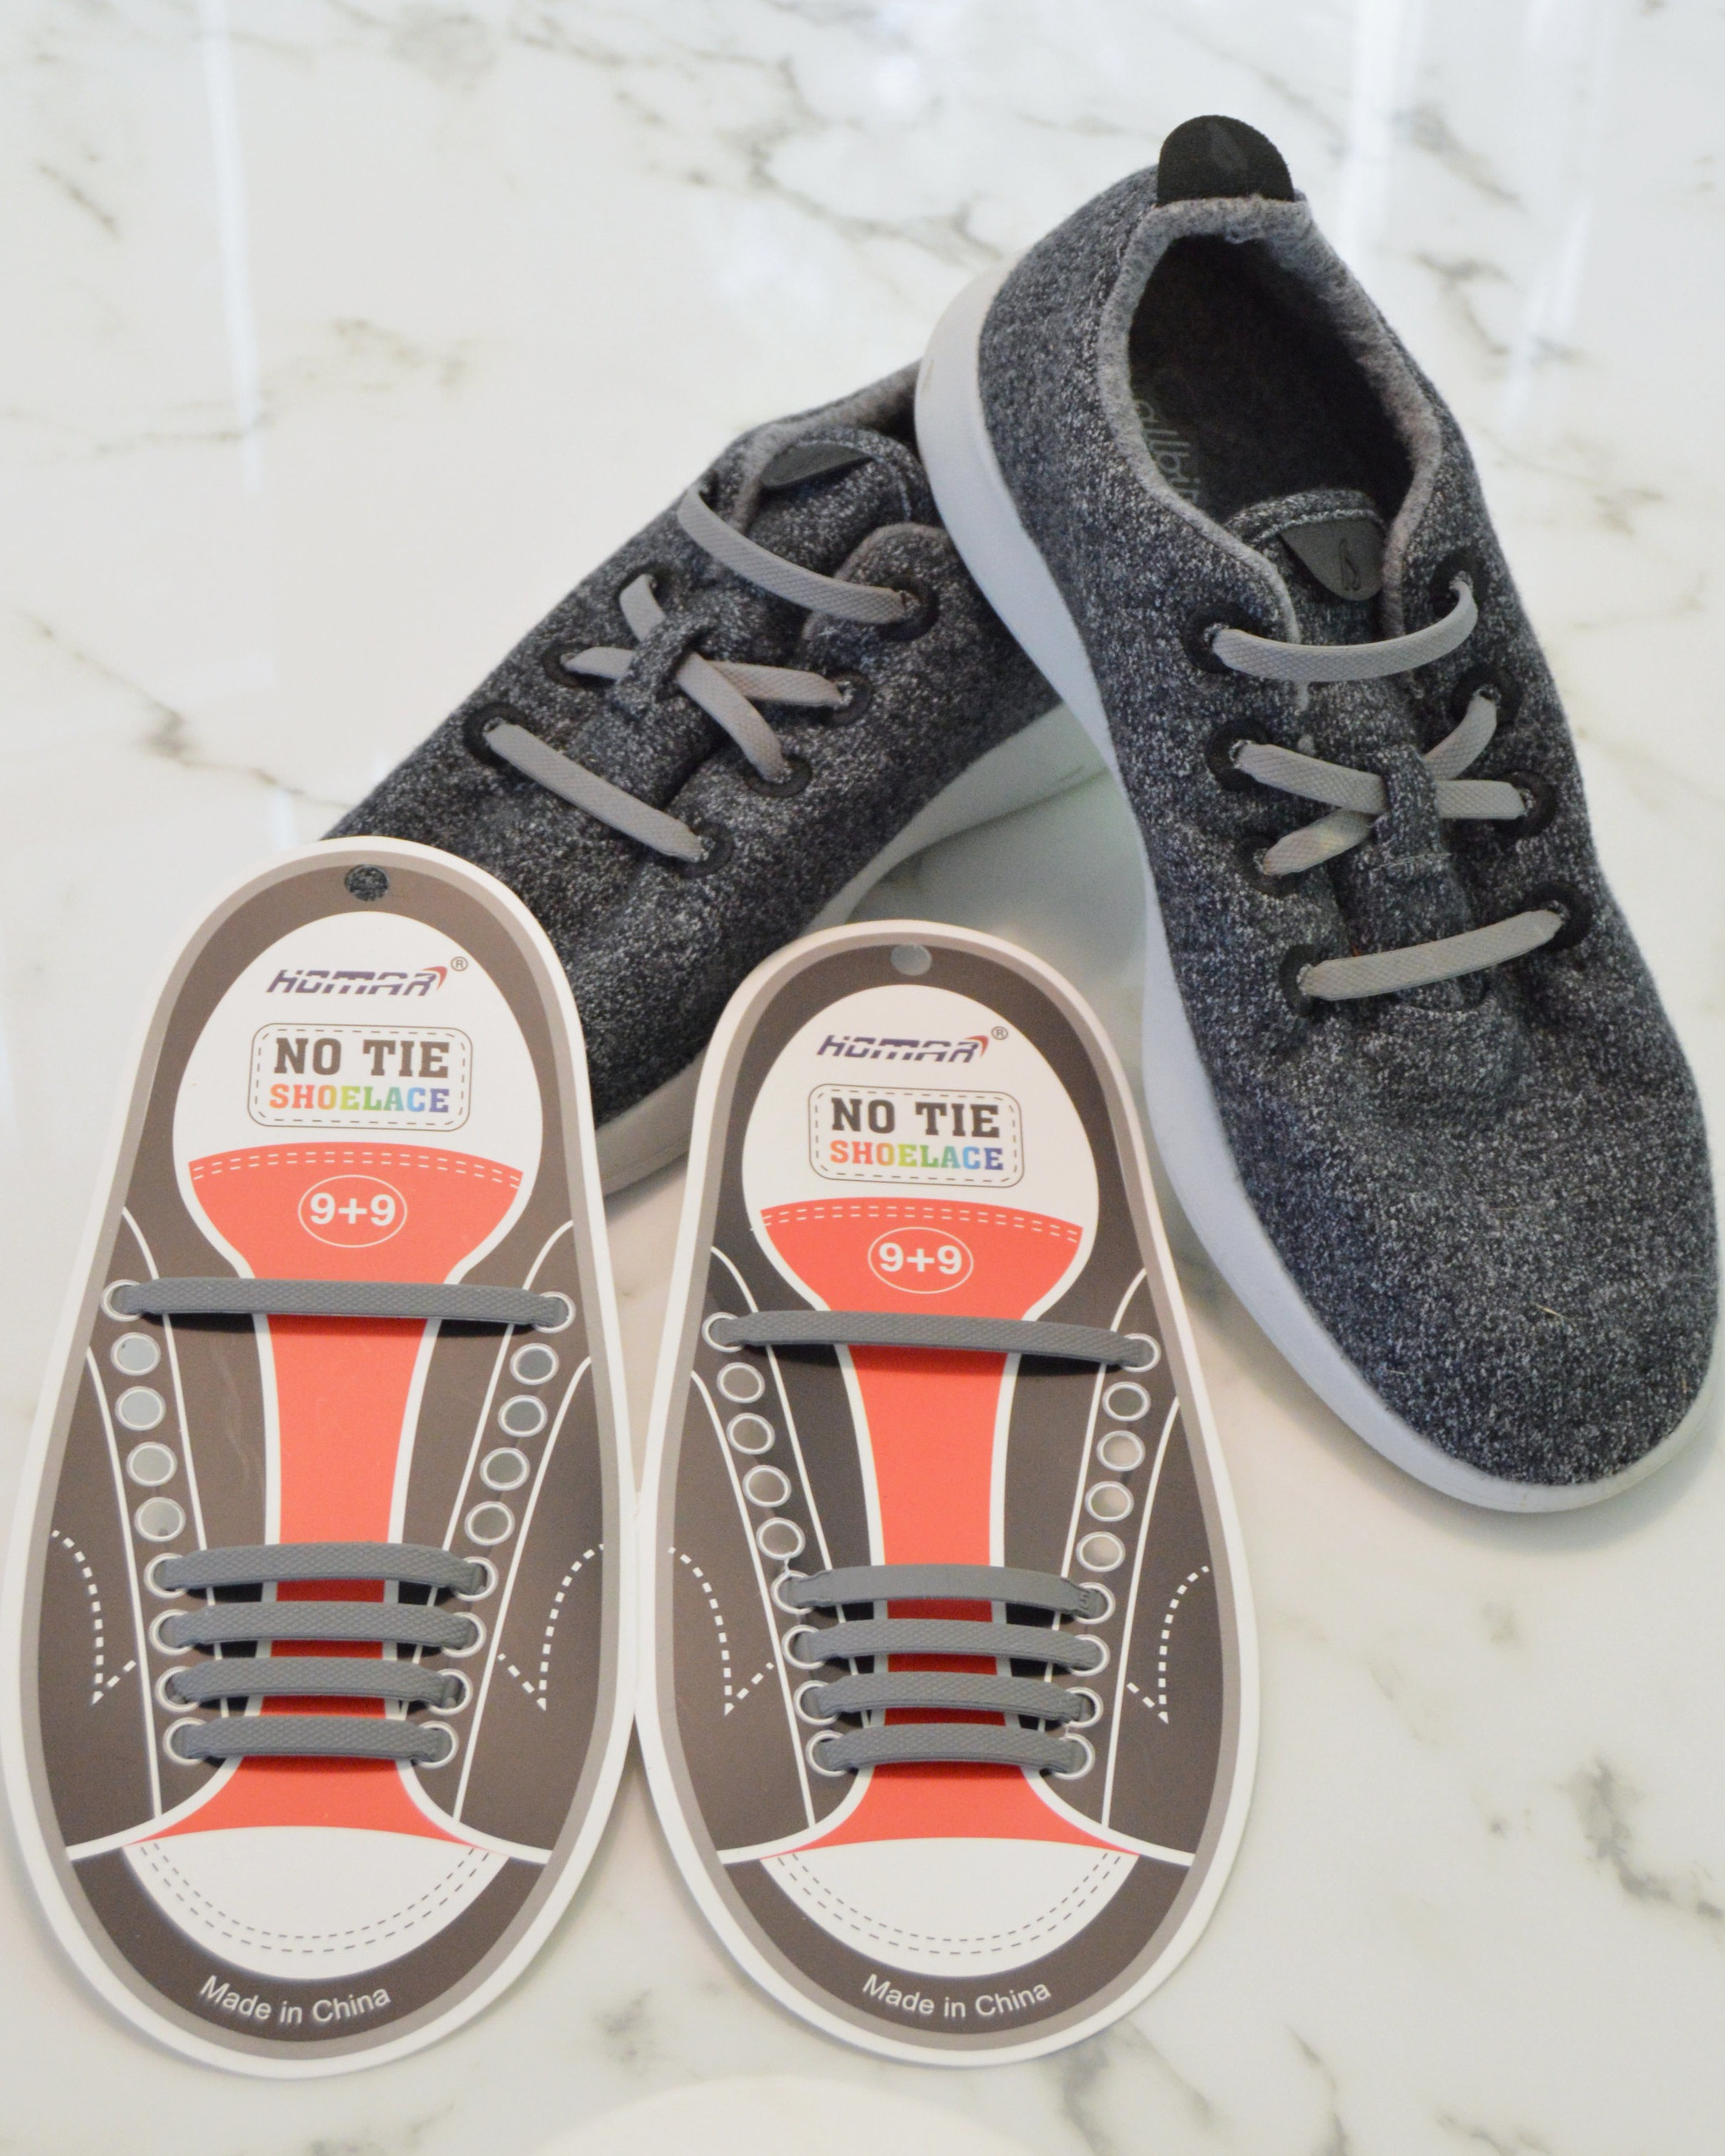 No-Tie Shoelaces